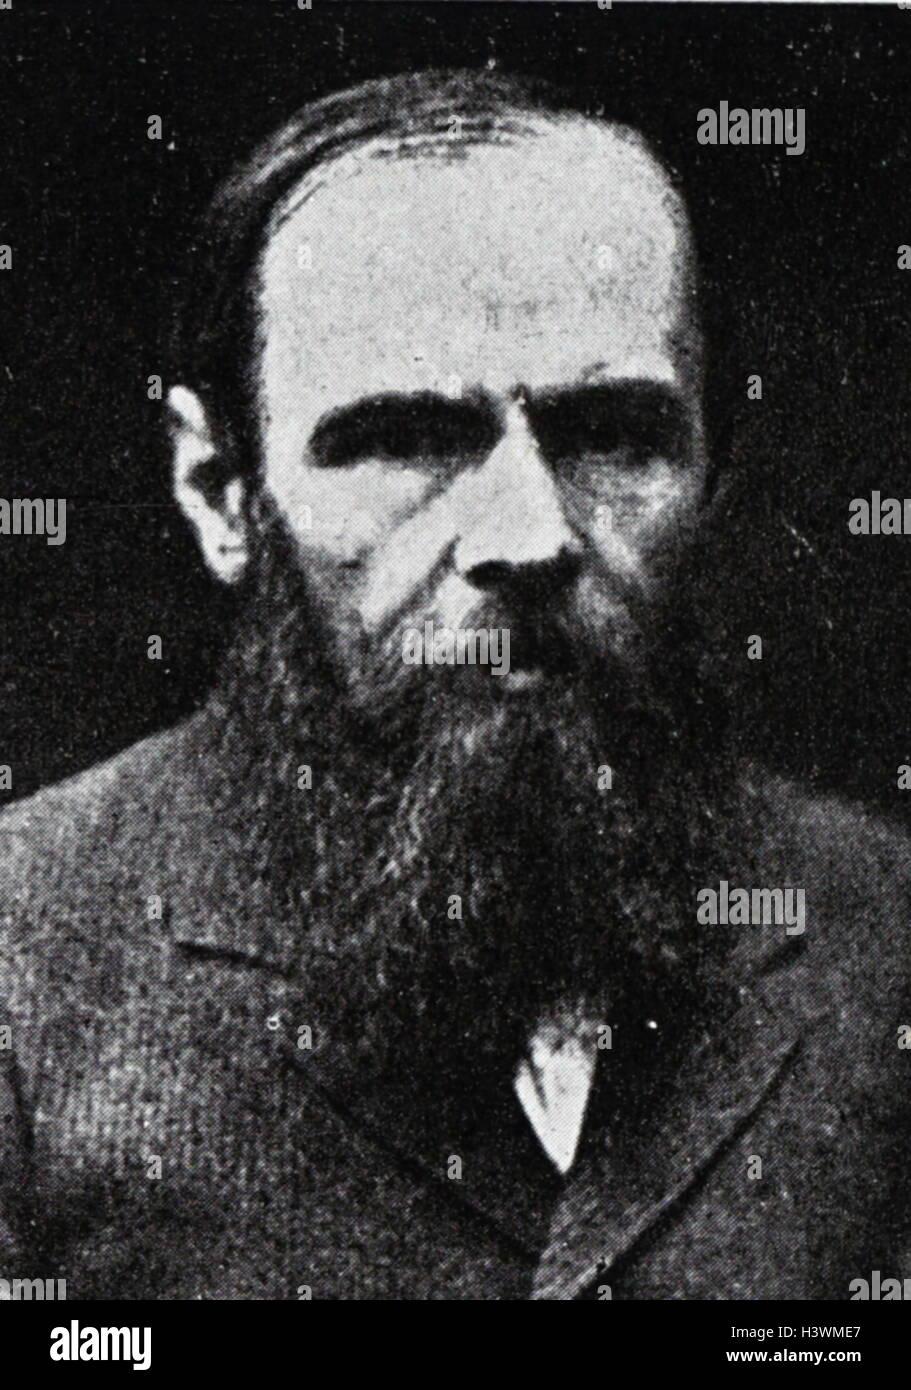 Portrait of Fyodor Dostoyevsky - Stock Image